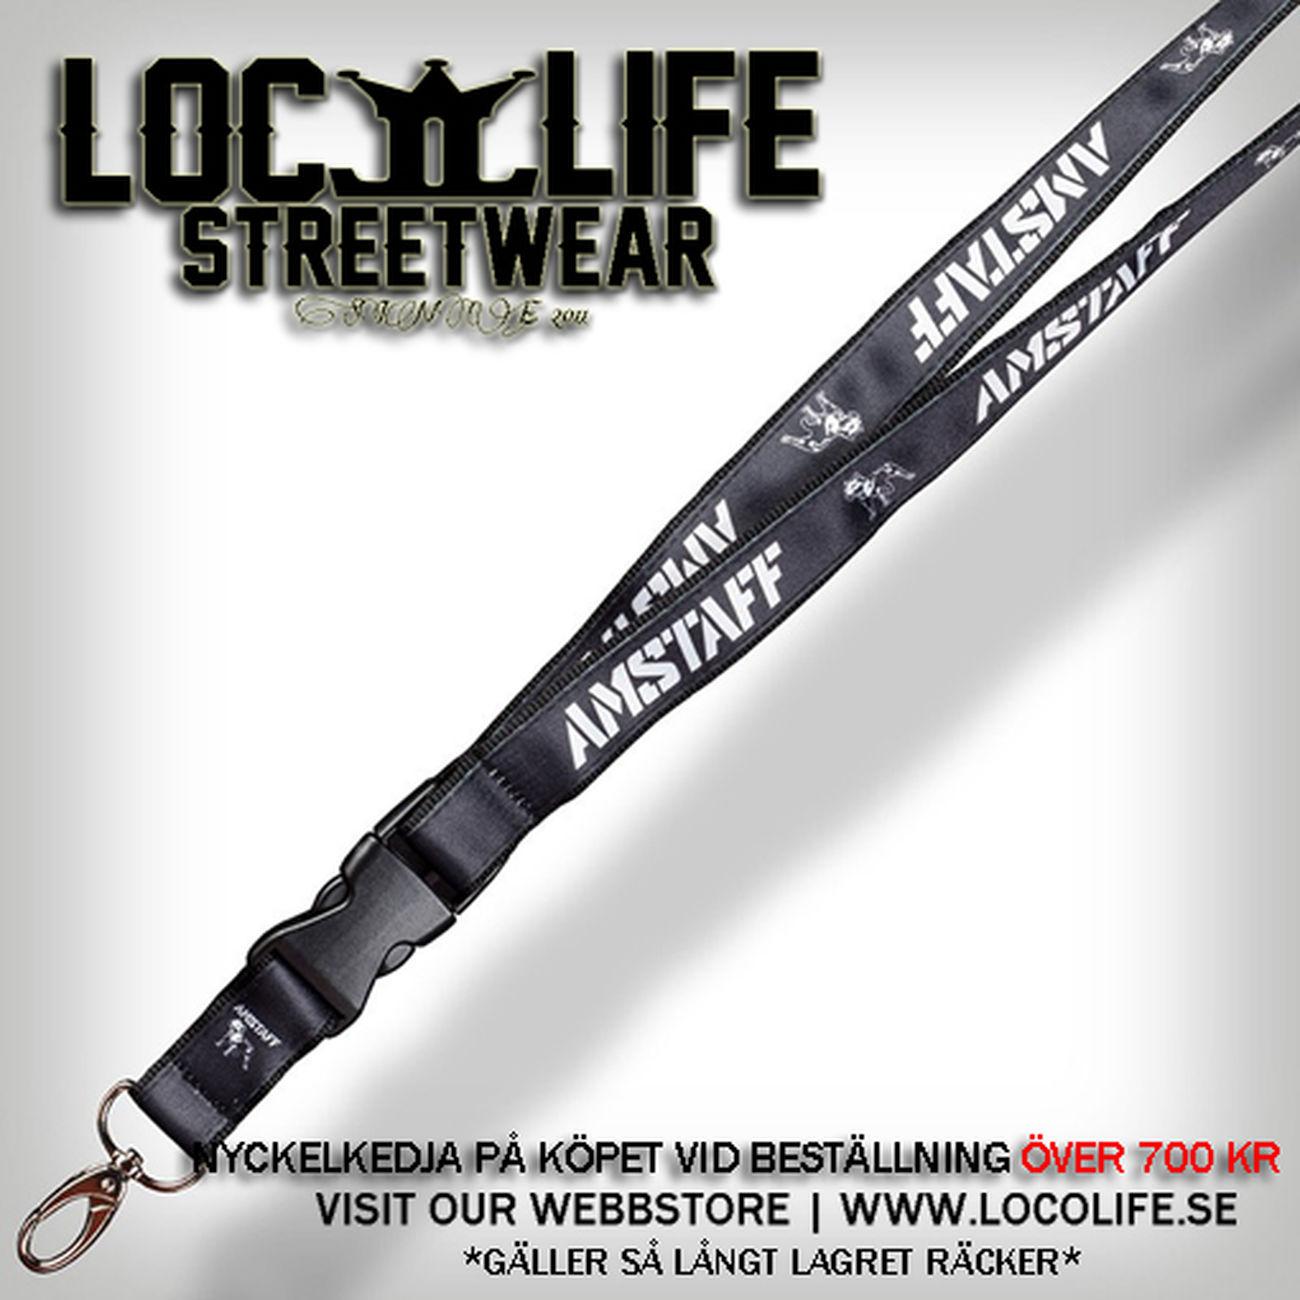 Få nyckelband när du köper för 700 kr hos oss på Locolife Streetwear www.locolife.se Nyckelband Locolifestreetwear Sweden Giveaways Stockholm Gothenburg